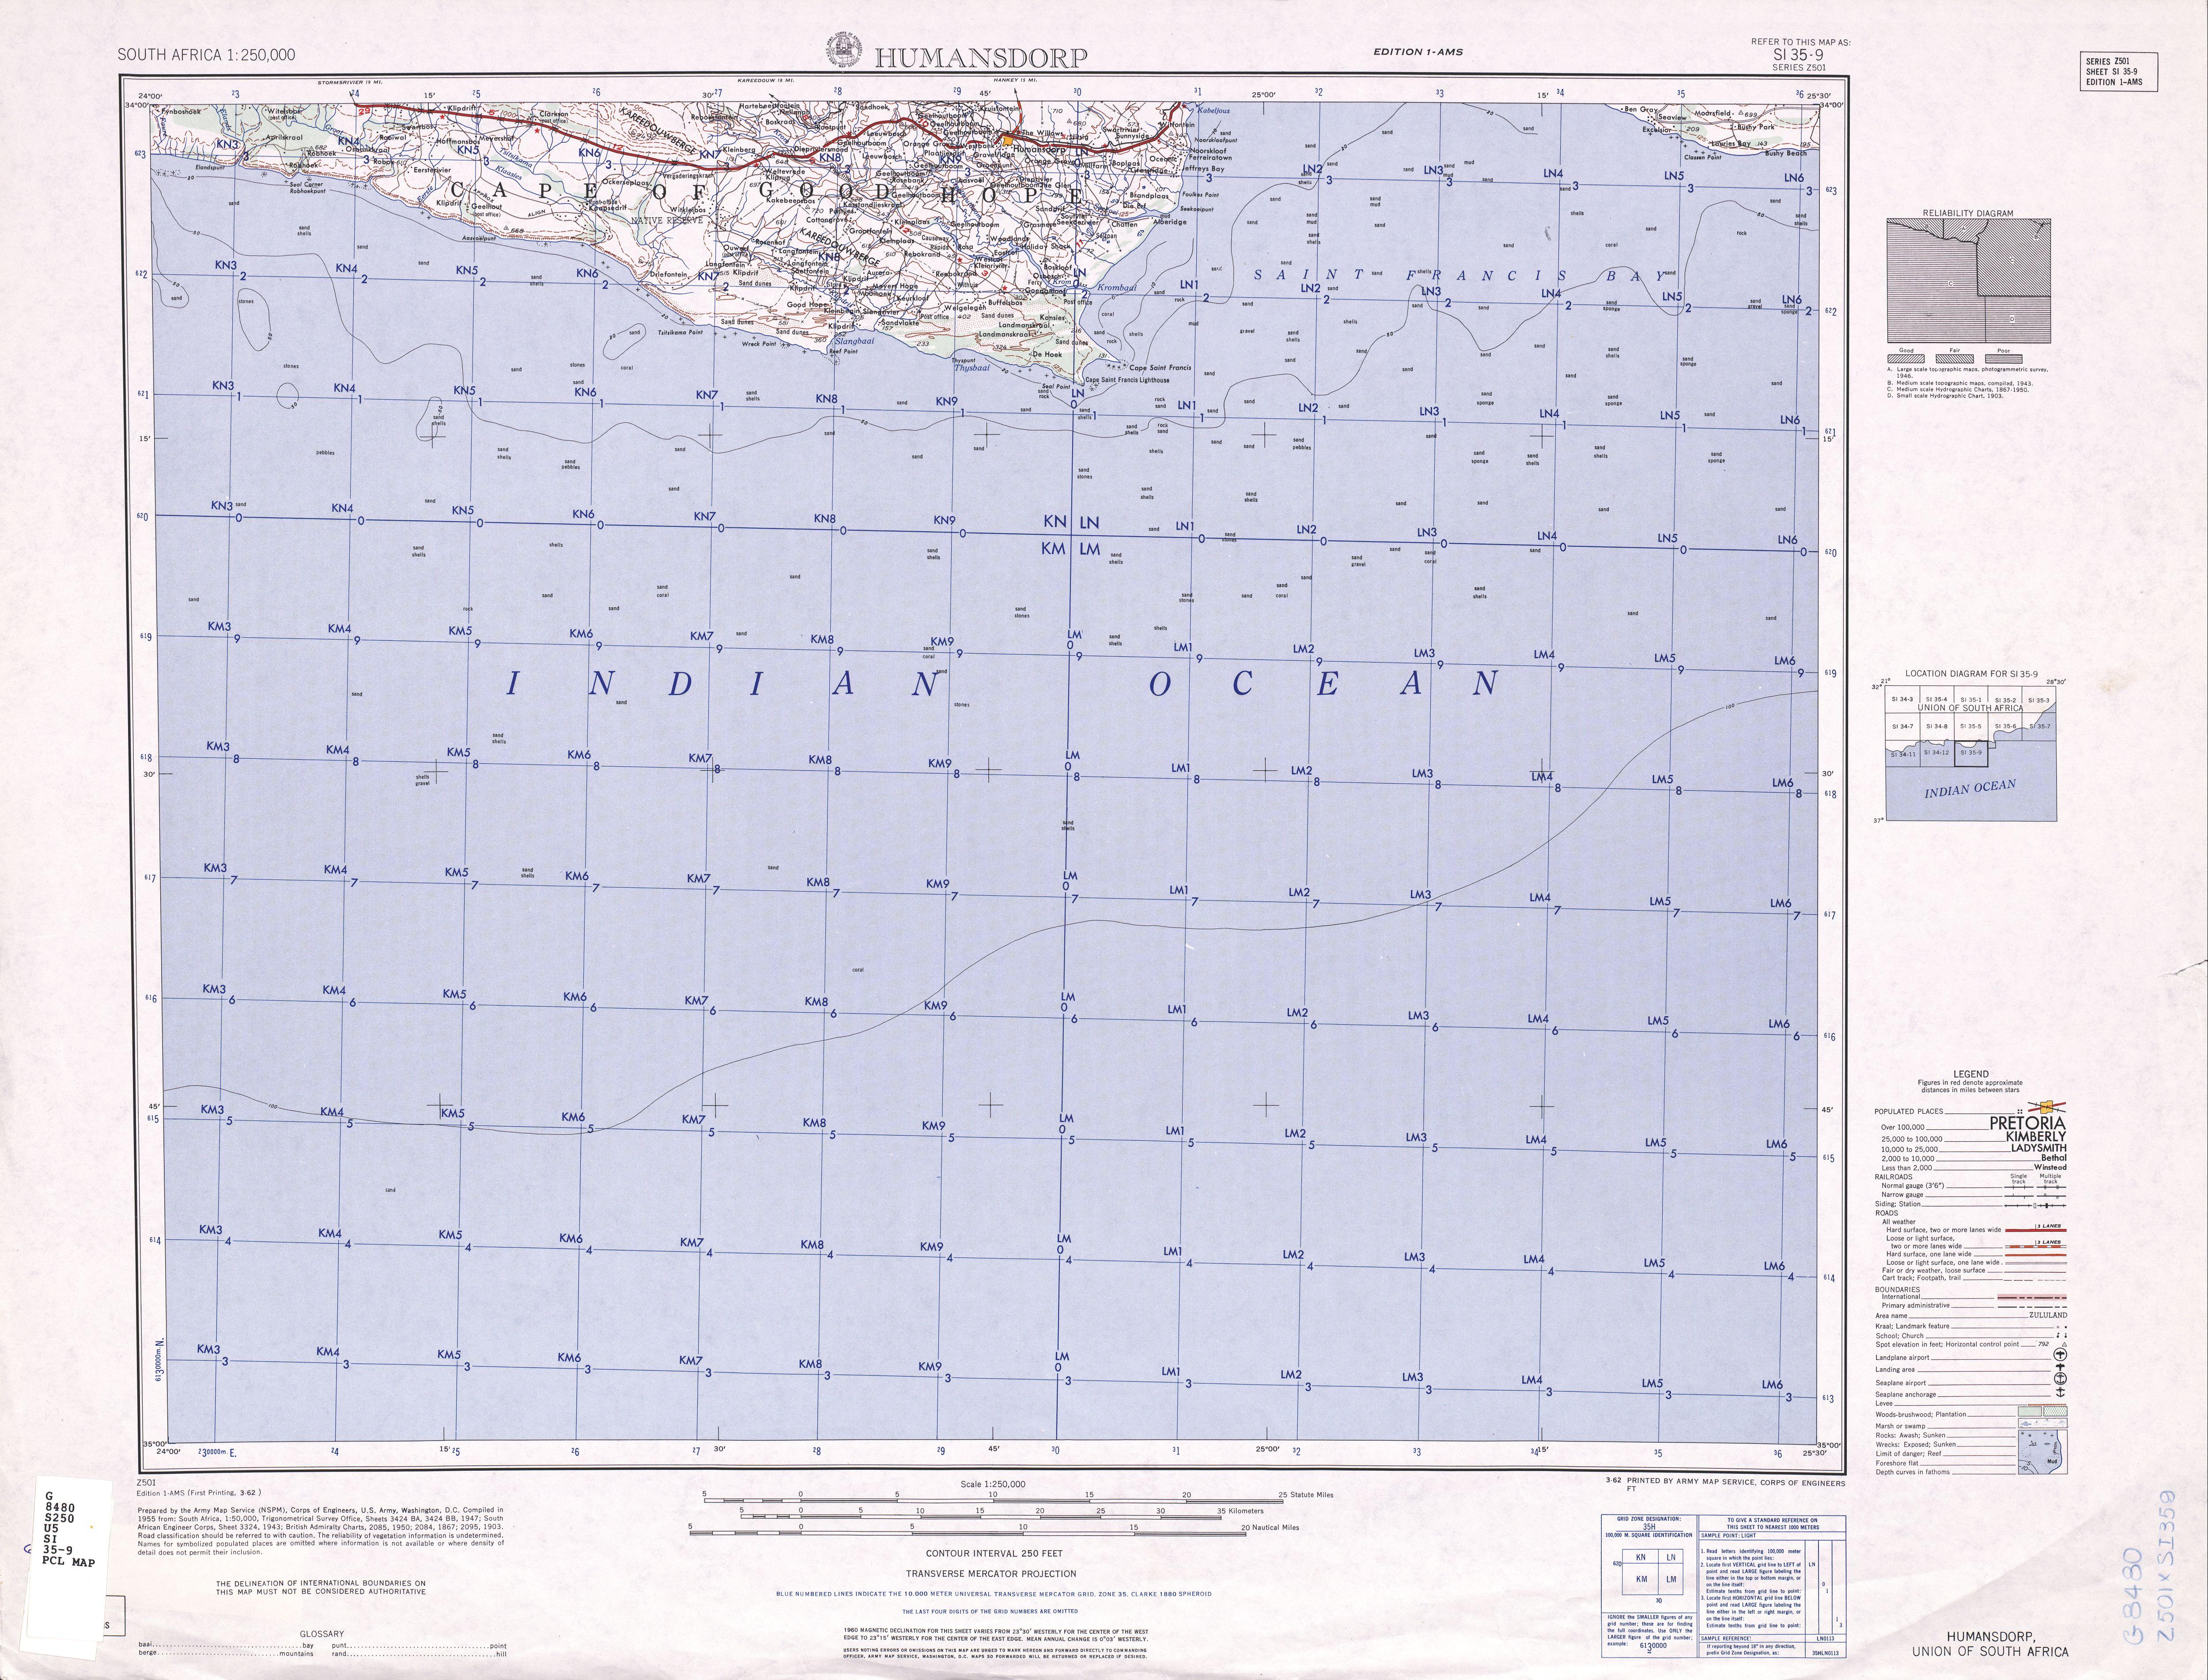 Hoja Humansdorp del Mapa Topográfico de África Meridional 1954